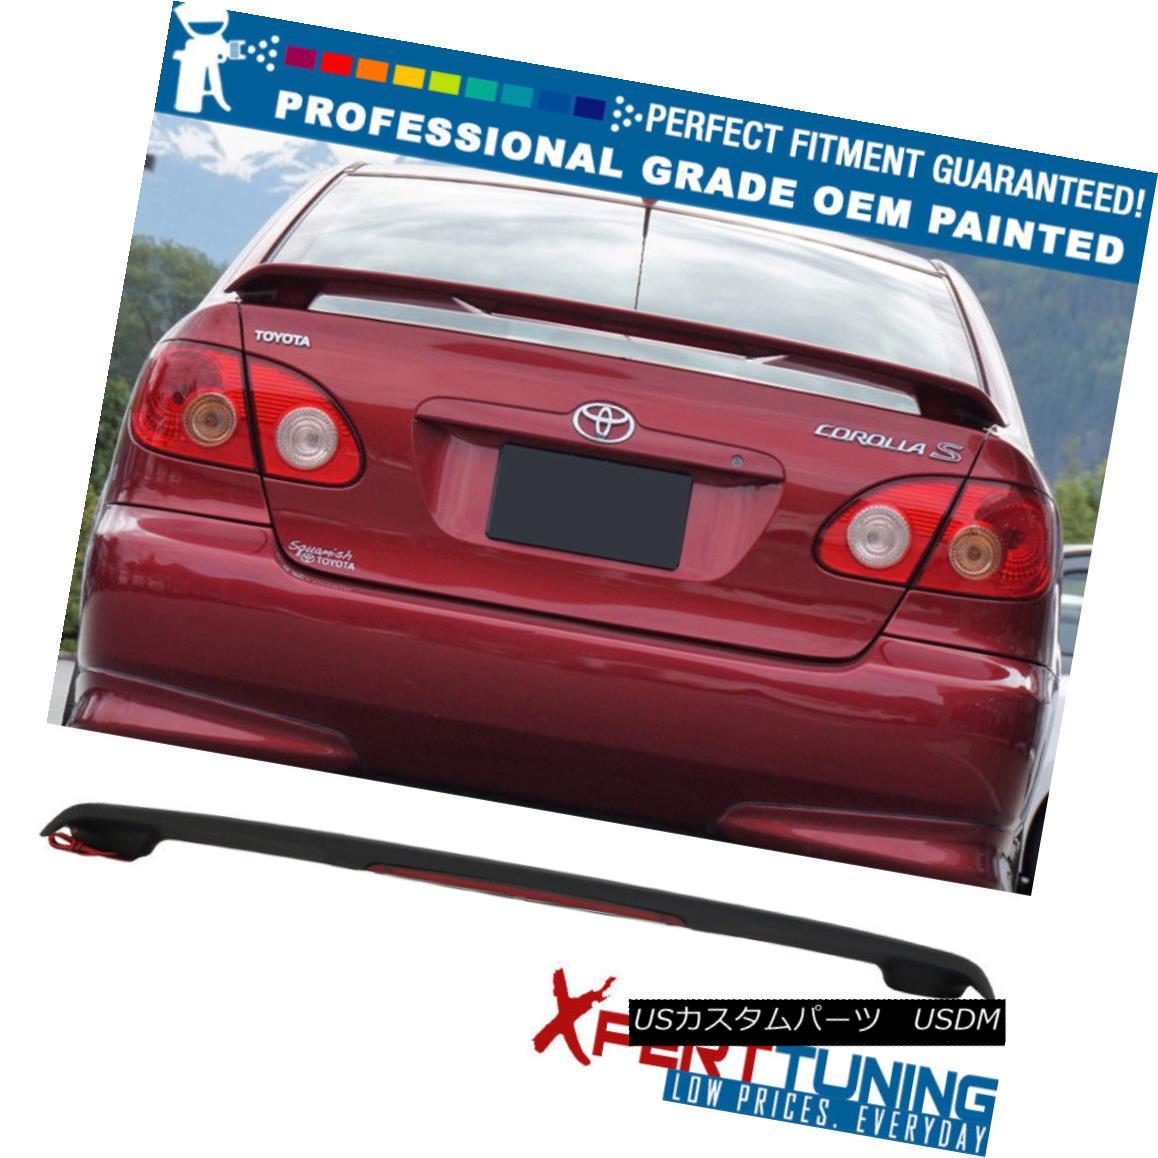 エアロパーツ Fit 03-08 Toyota Corolla Sedan OE Factory Trunk Spoiler & LED -OEM Painted Color フィット03-08トヨタカローラセダンOE工場トランクスポイラー& LEDオムペイントカラー